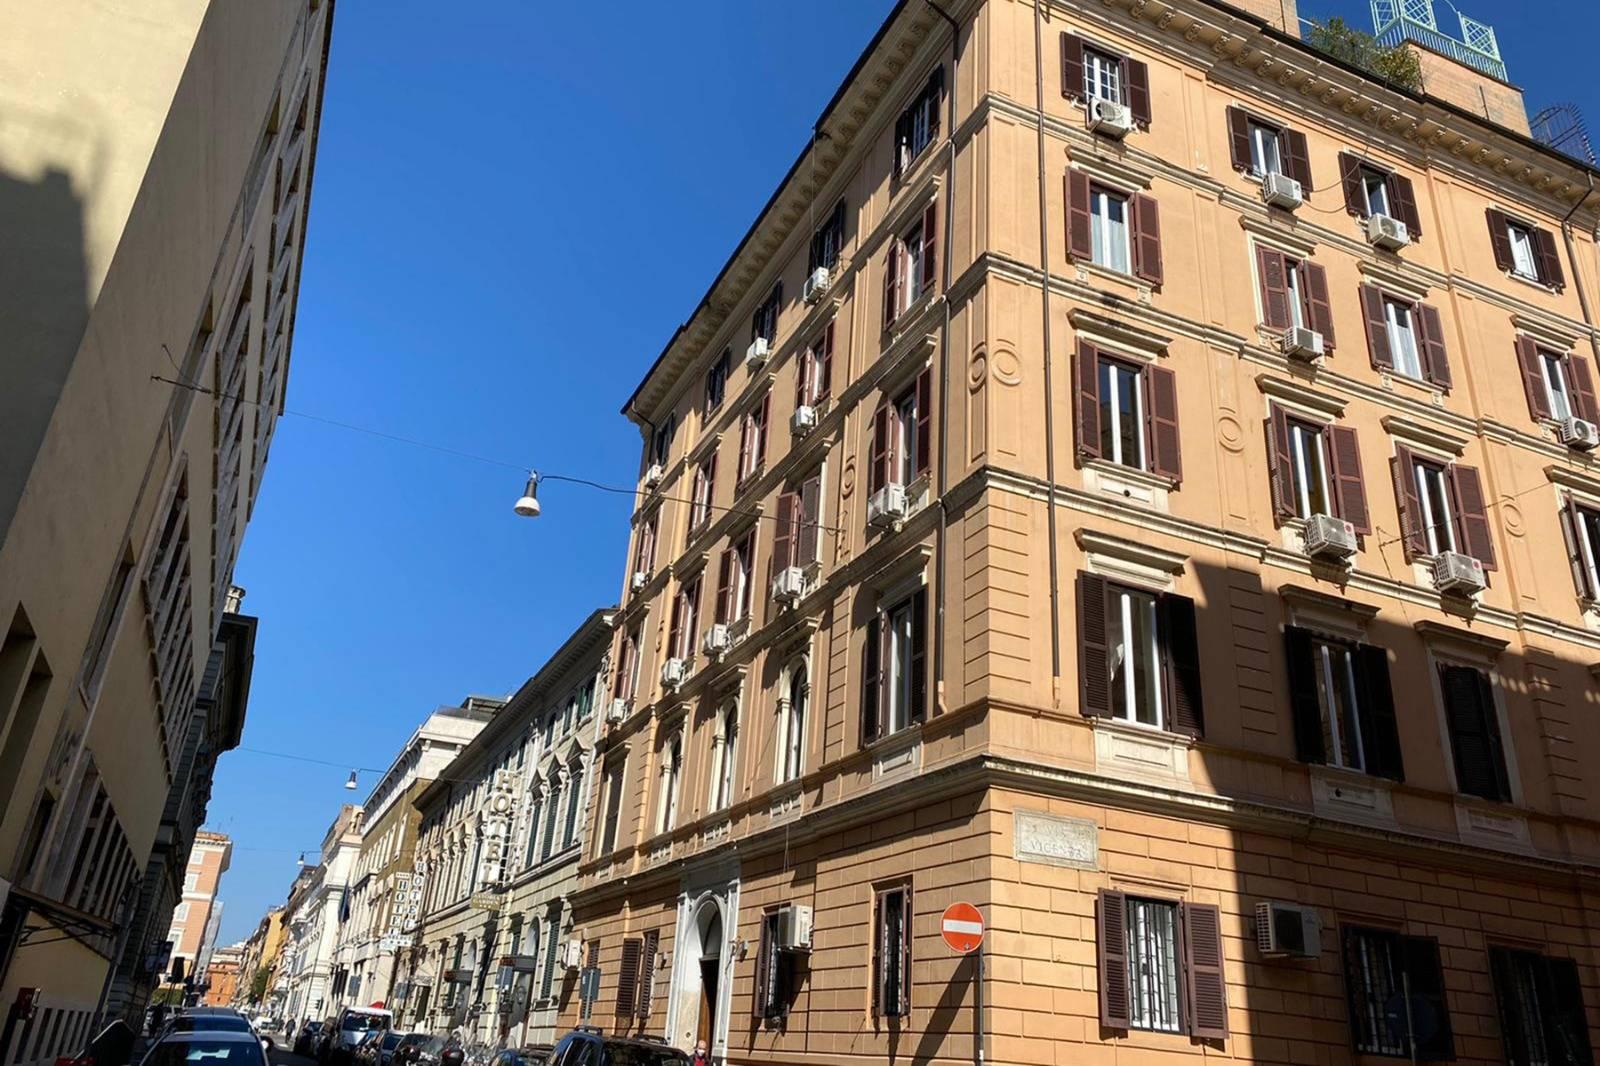 Attico in Affitto a Roma: 3 locali, 50 mq - Foto 17